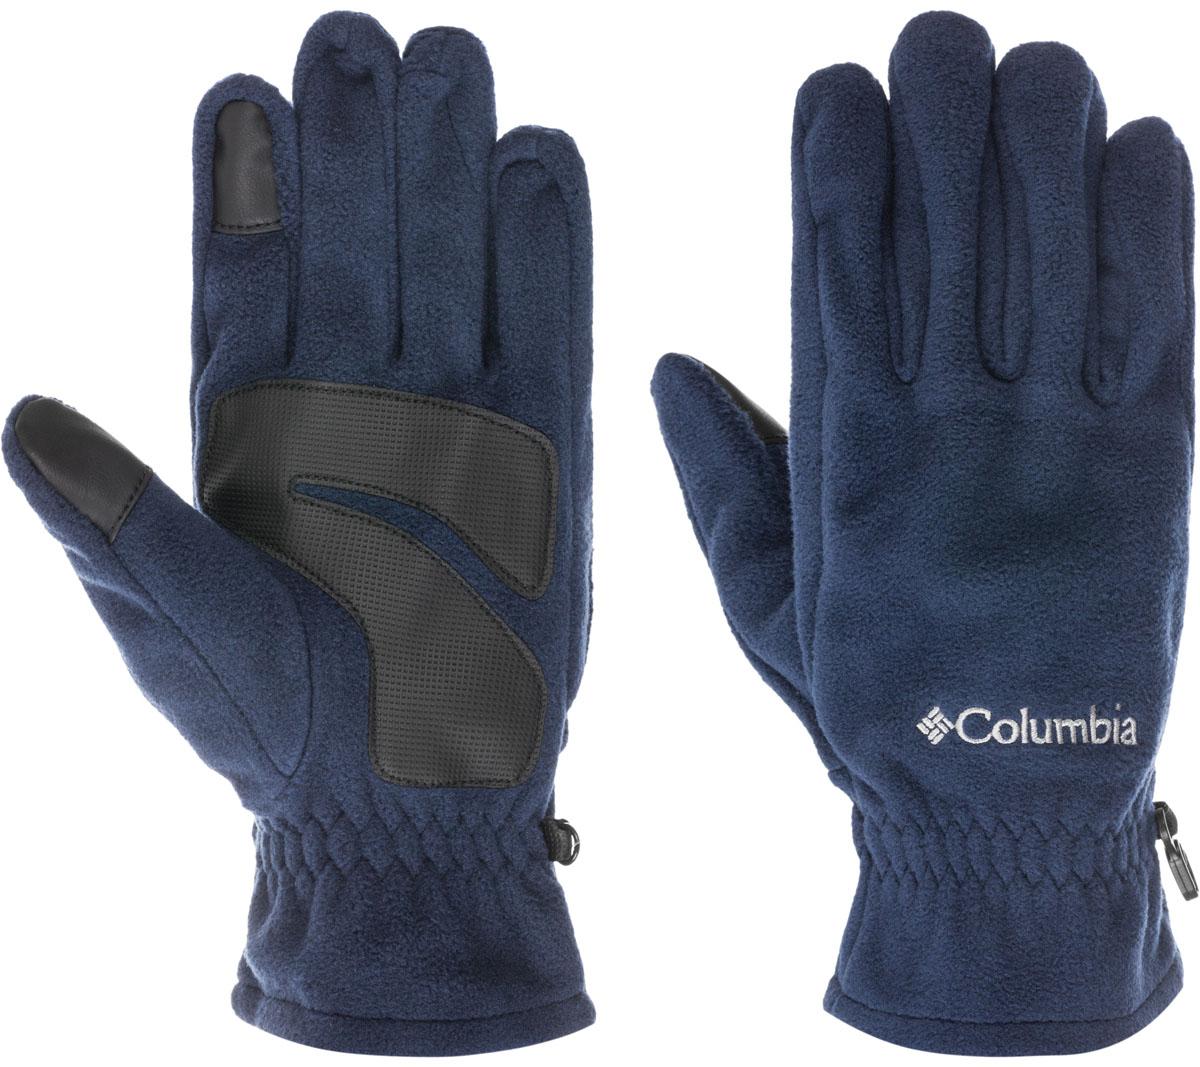 Перчатки мужские Columbia Thermarator Glove, цвет: синий. 1555851-464. Размер S (6/7)1555851-464Флисовые перчатки идеально подойдут для активного отдыха в холодное время года. Уникальная технология Omni-Heat сохраняет собственное тепло человека, отражая его с помощью серебристых точек, а излишняя влага отводится наружу. Текстурированное укрепление ладони и пальцев в местах наибольшего трения защищают перчатки от истирания.